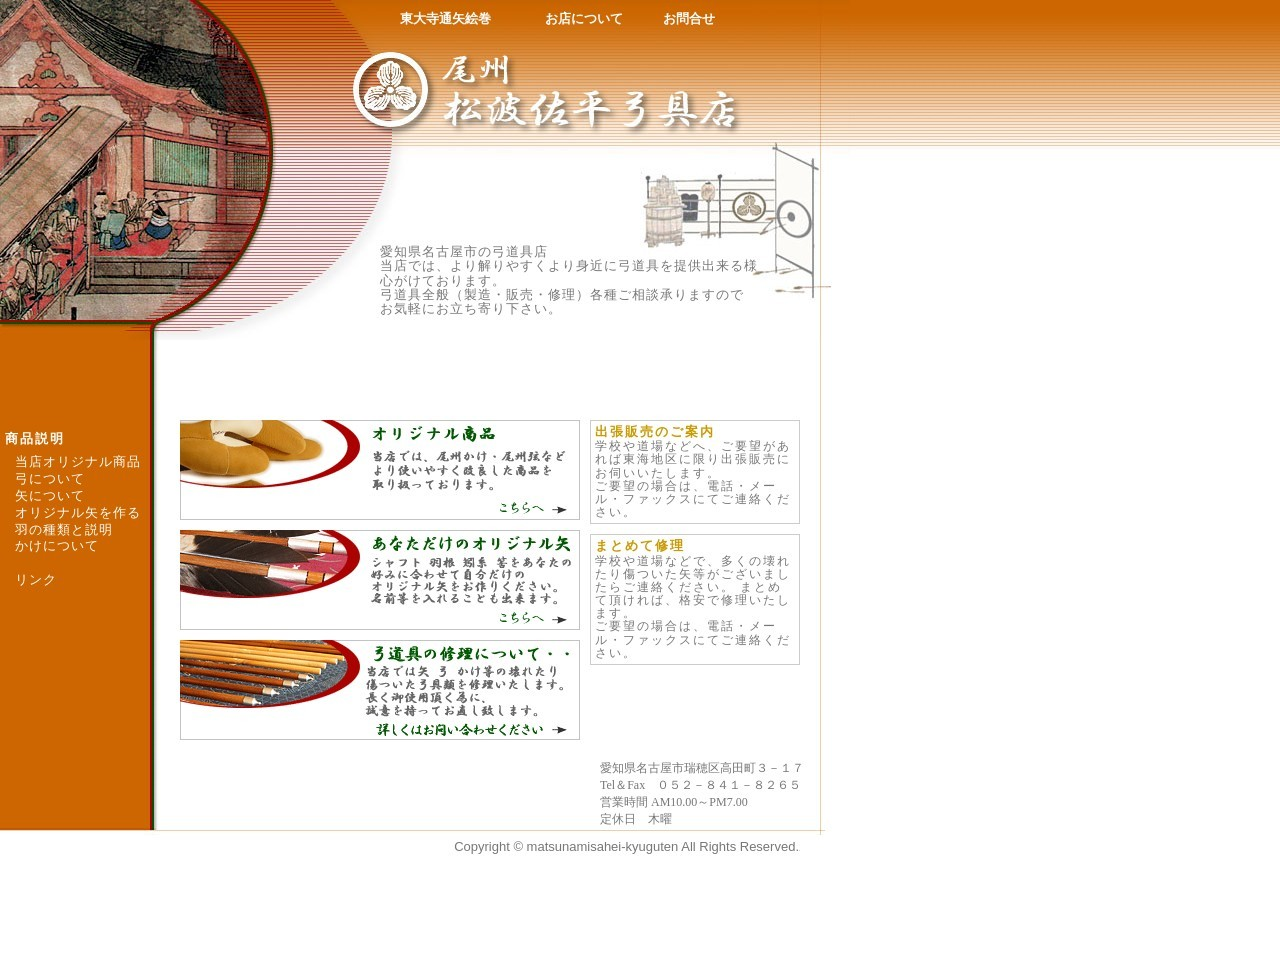 松波佐平弓具店